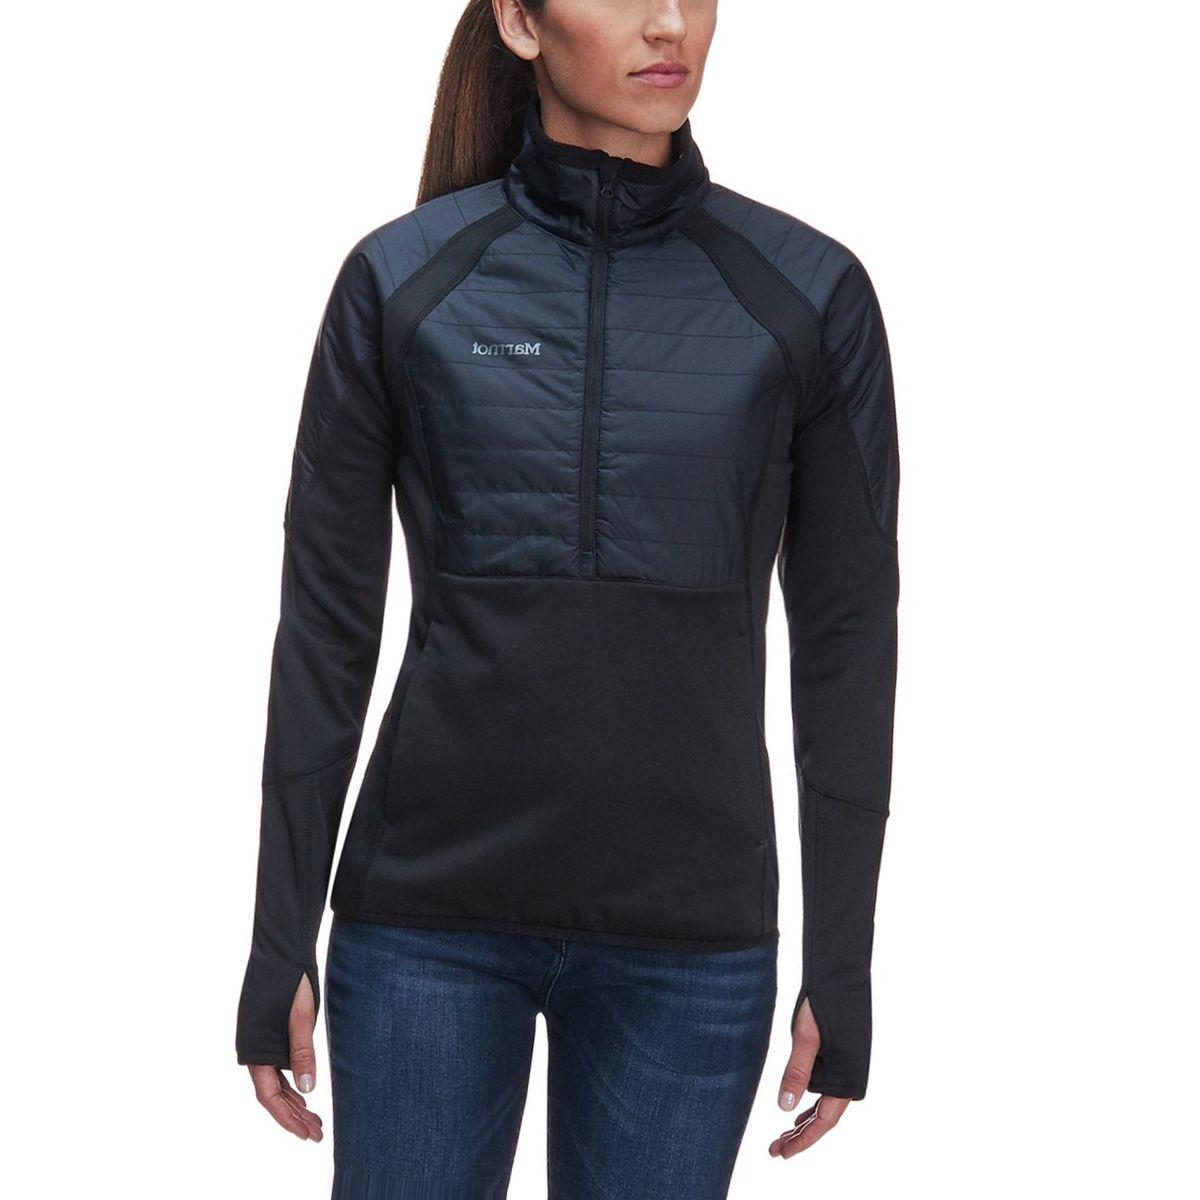 Marmot Furiosa 1/2-Zip Fleece Jacket - Women's